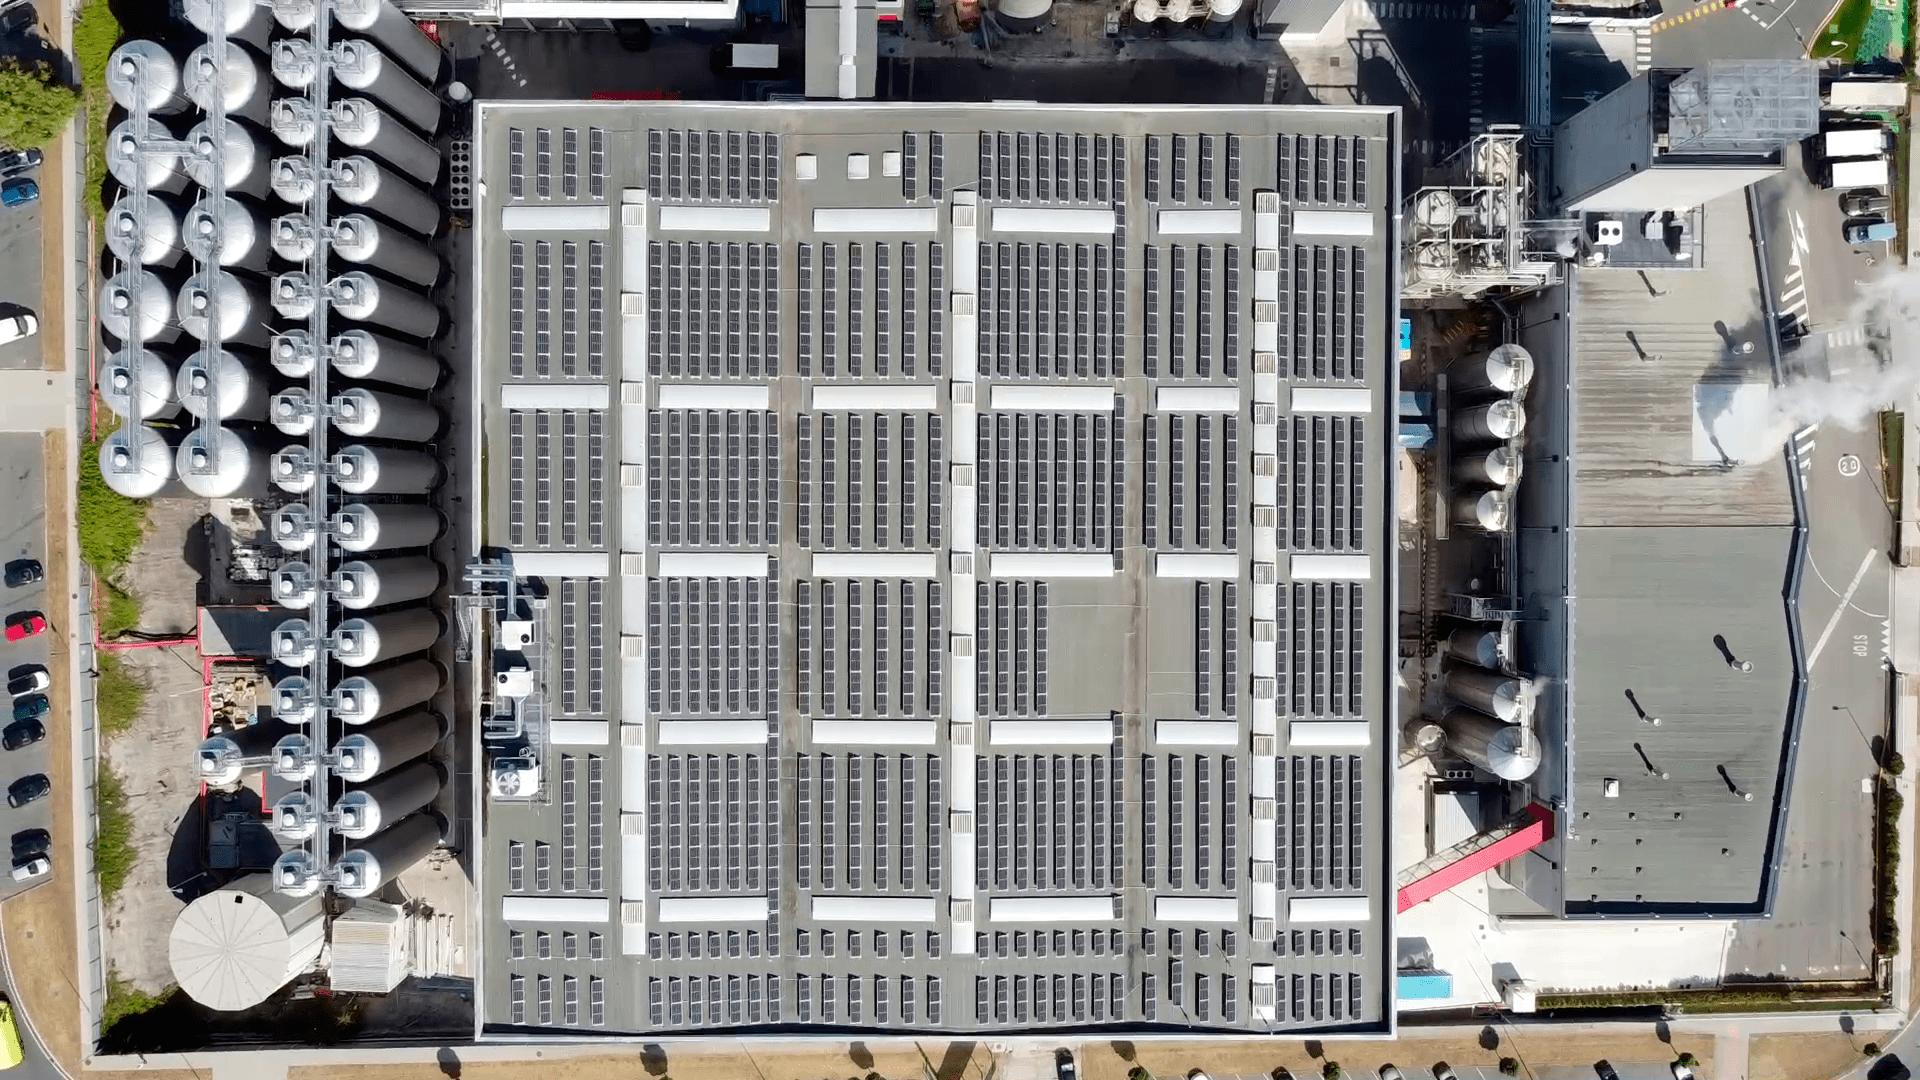 Instalación de autoconsumo fotovoltaico en Estrella Galicia | Eidf Solar